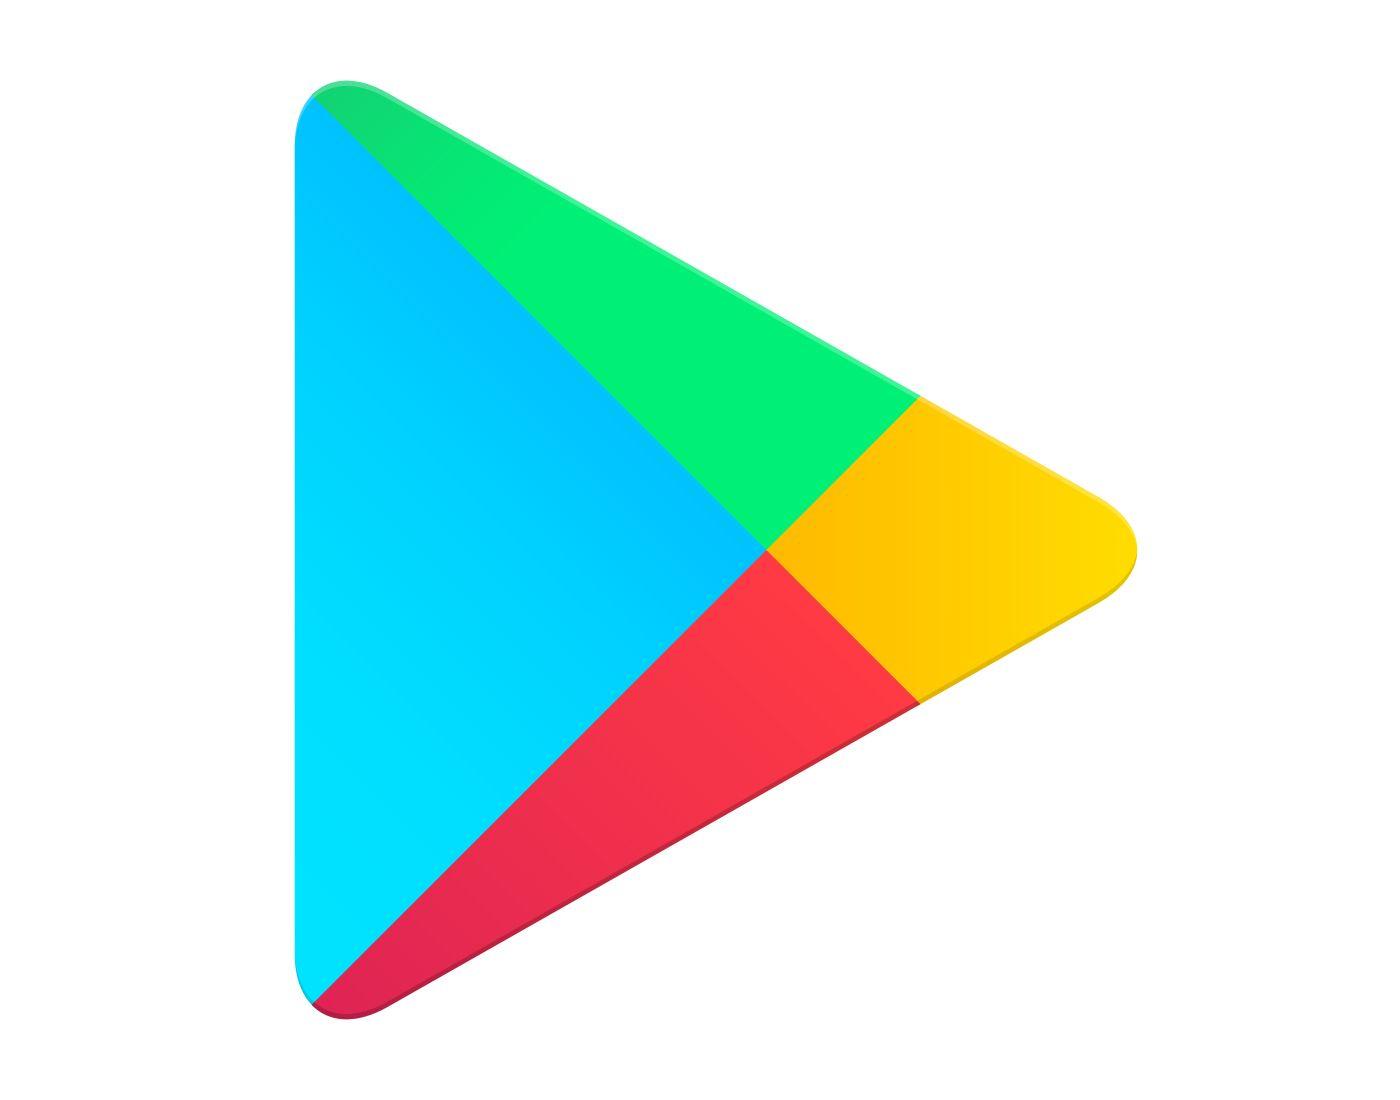 Android. Svolta privacy